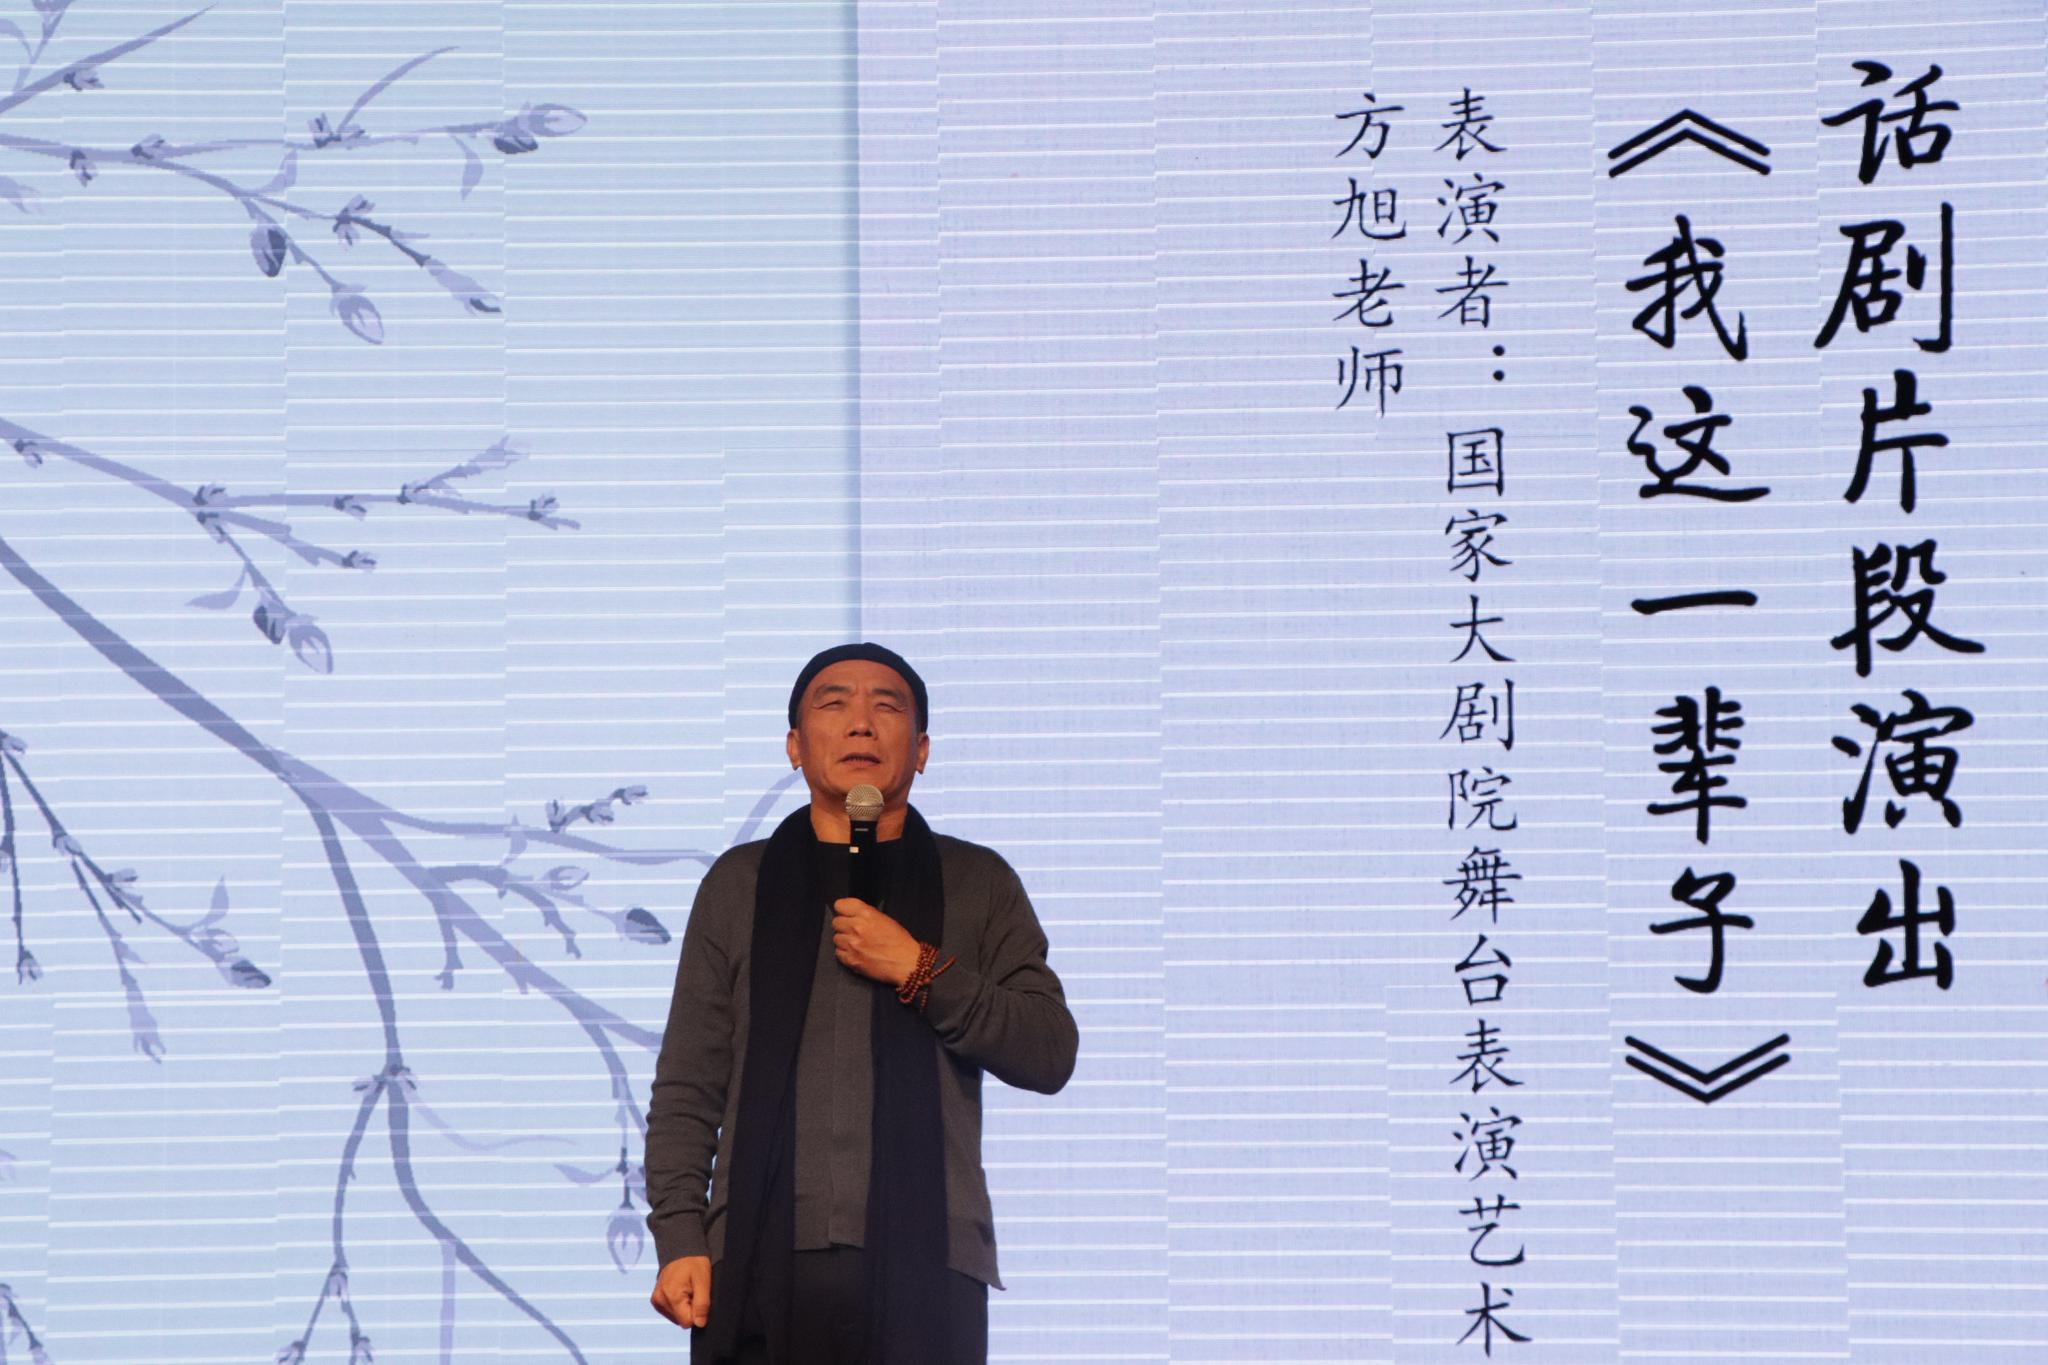 我校2019年春天诗会暨金沙诗歌奖颁奖典礼举行